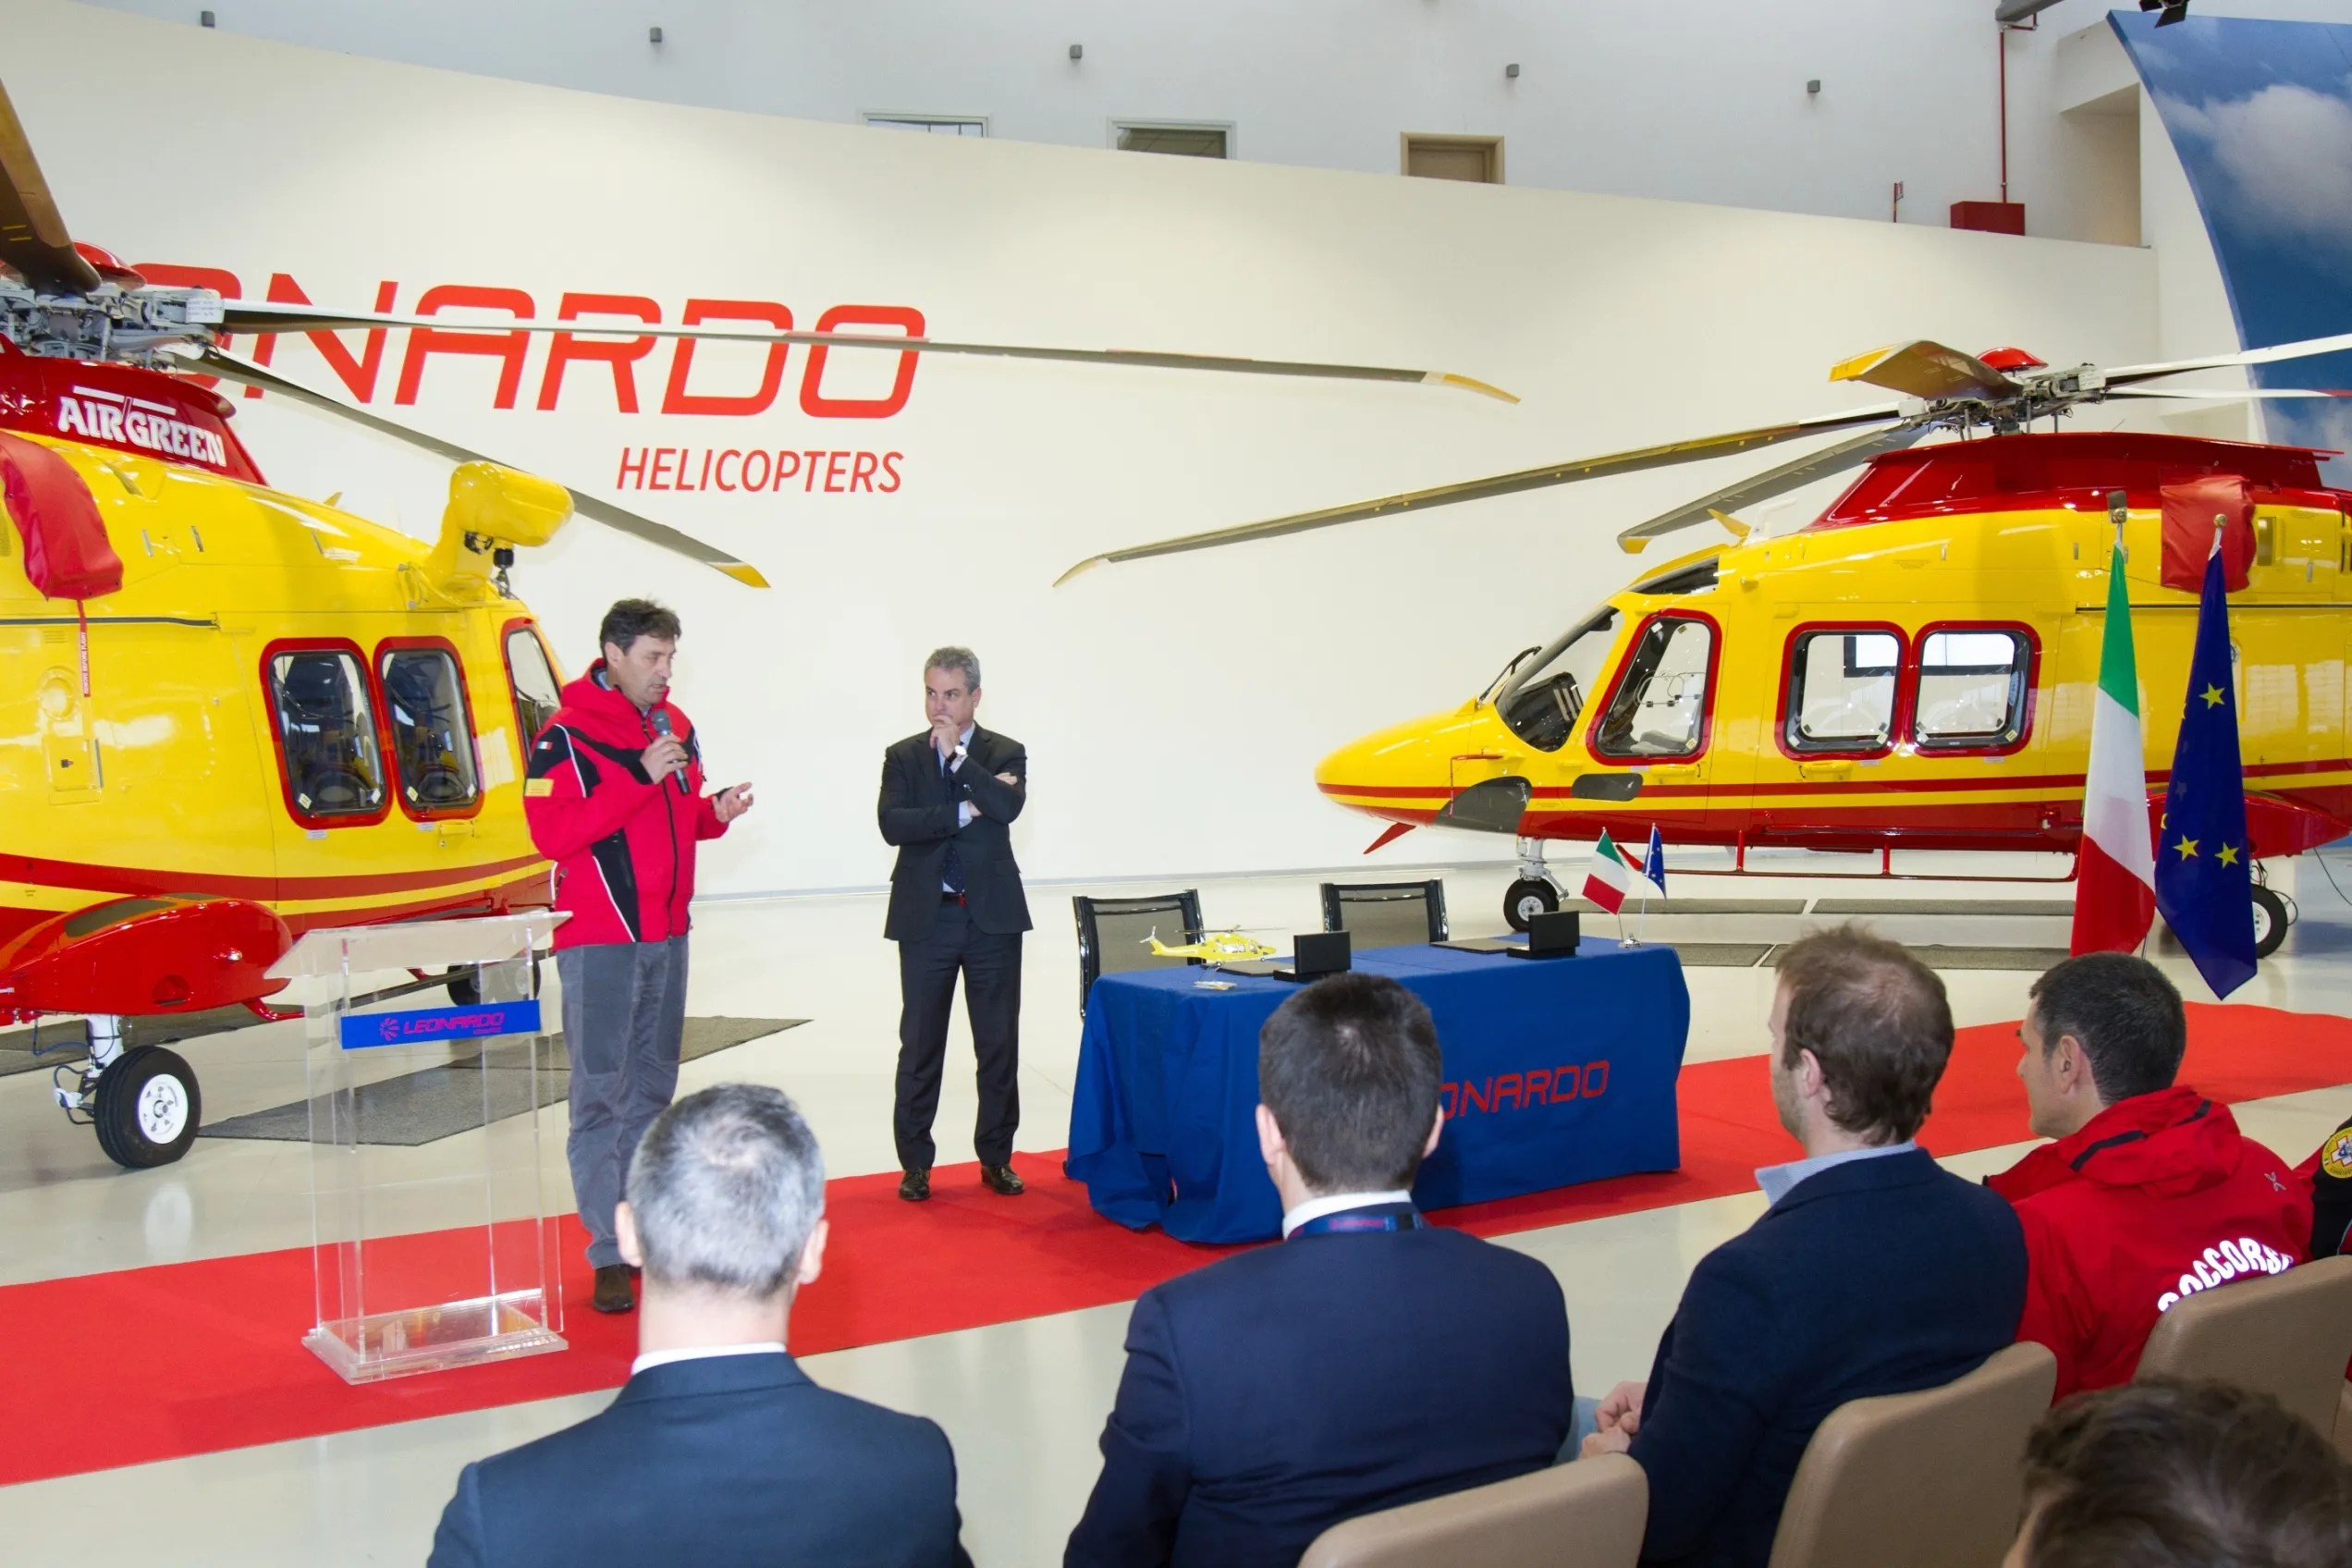 Elicottero Milano : Il nuovo elicottero aw 139 di leonardo e gli istruttori cnsas